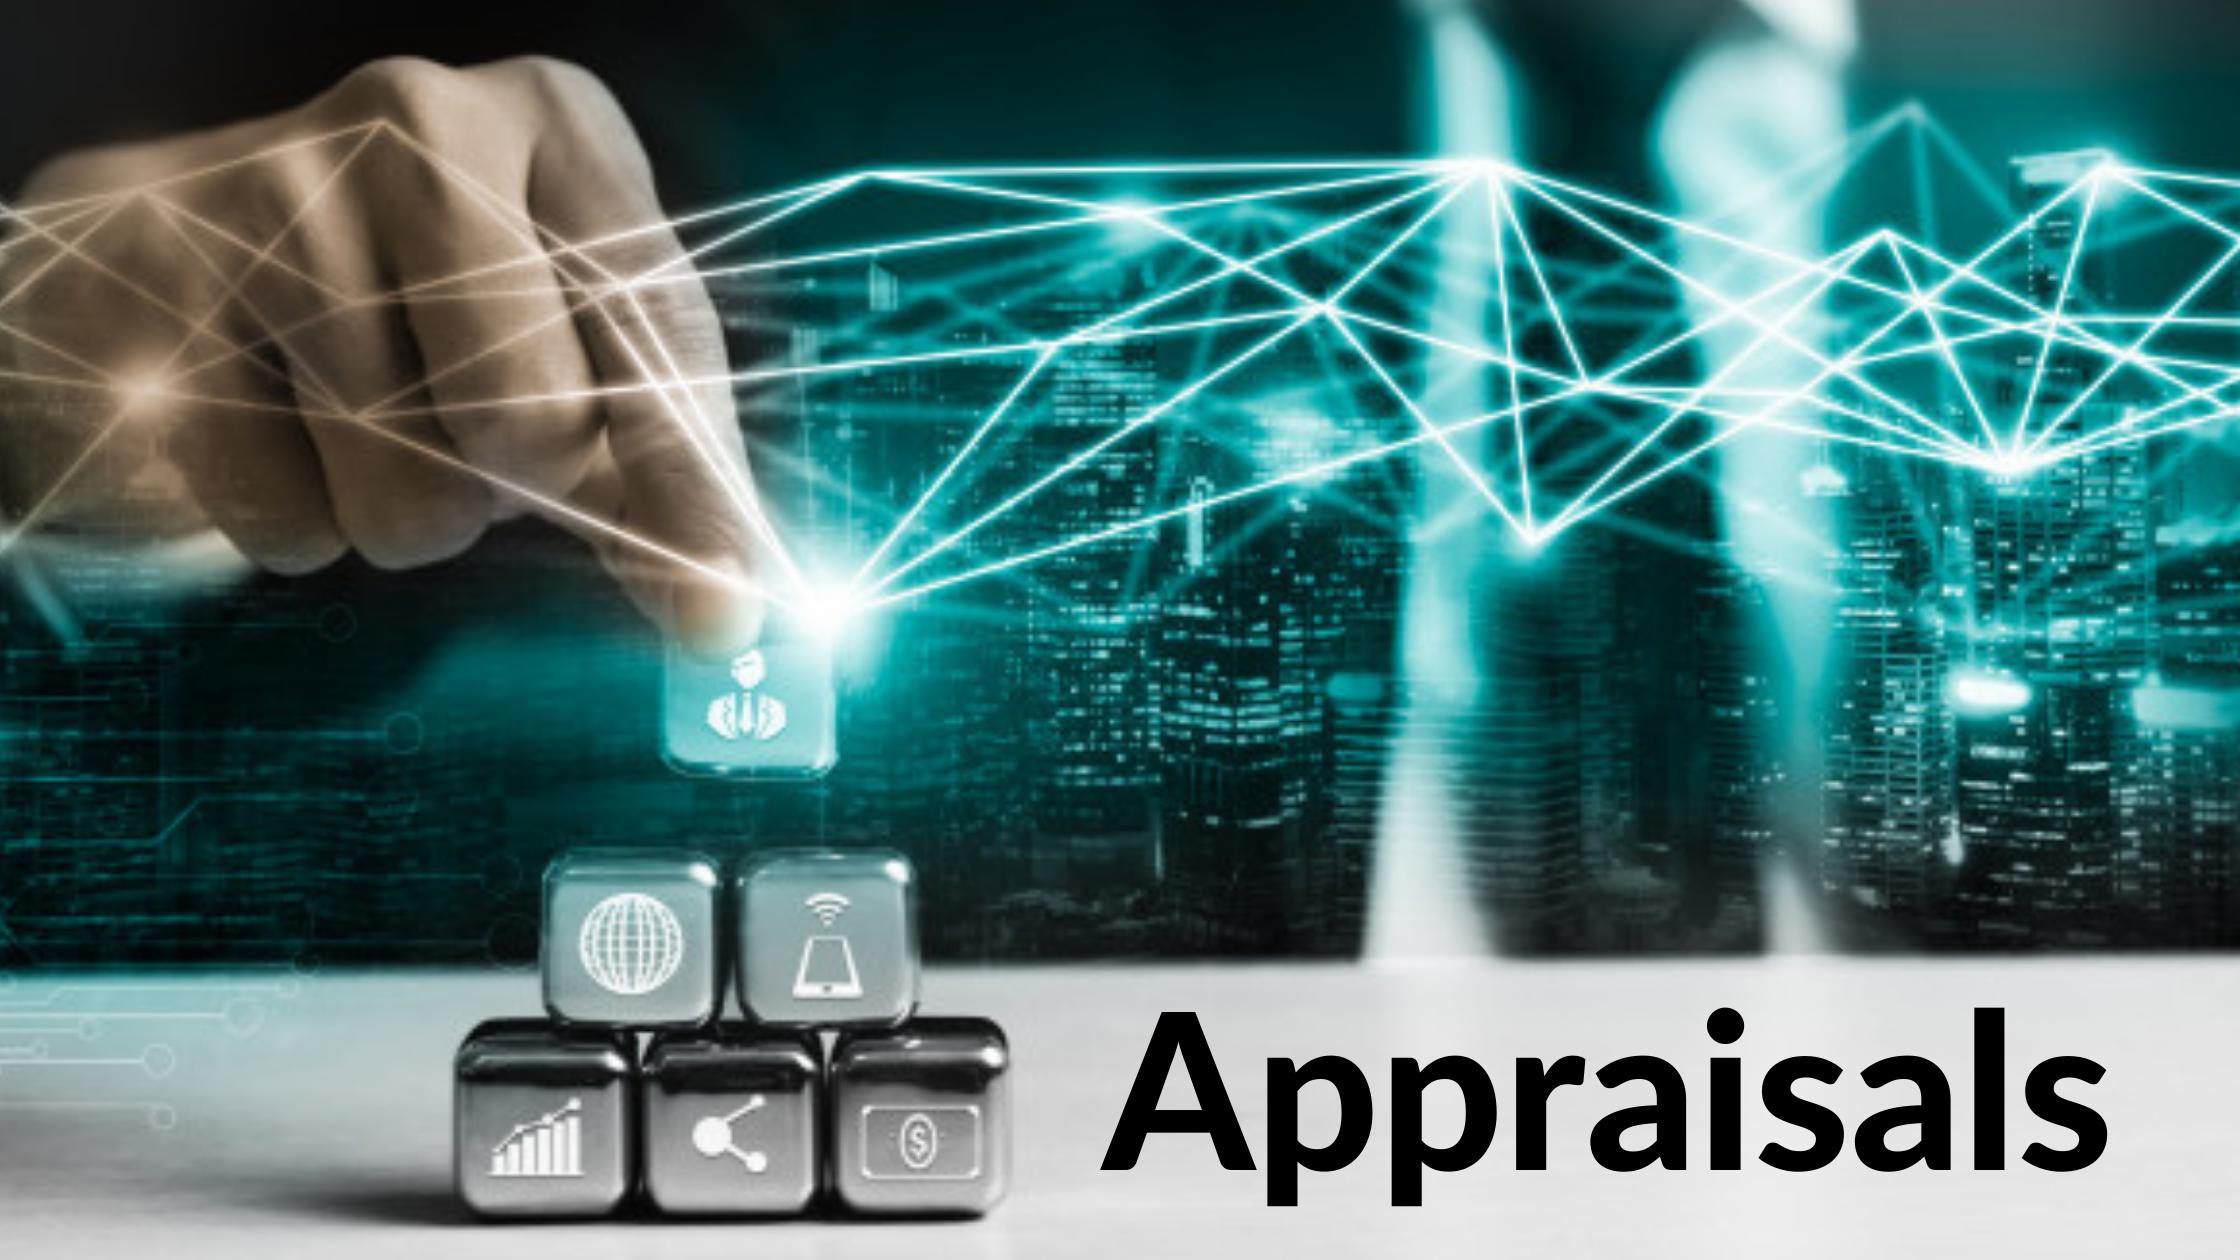 Appraisals & How it benefits an organization